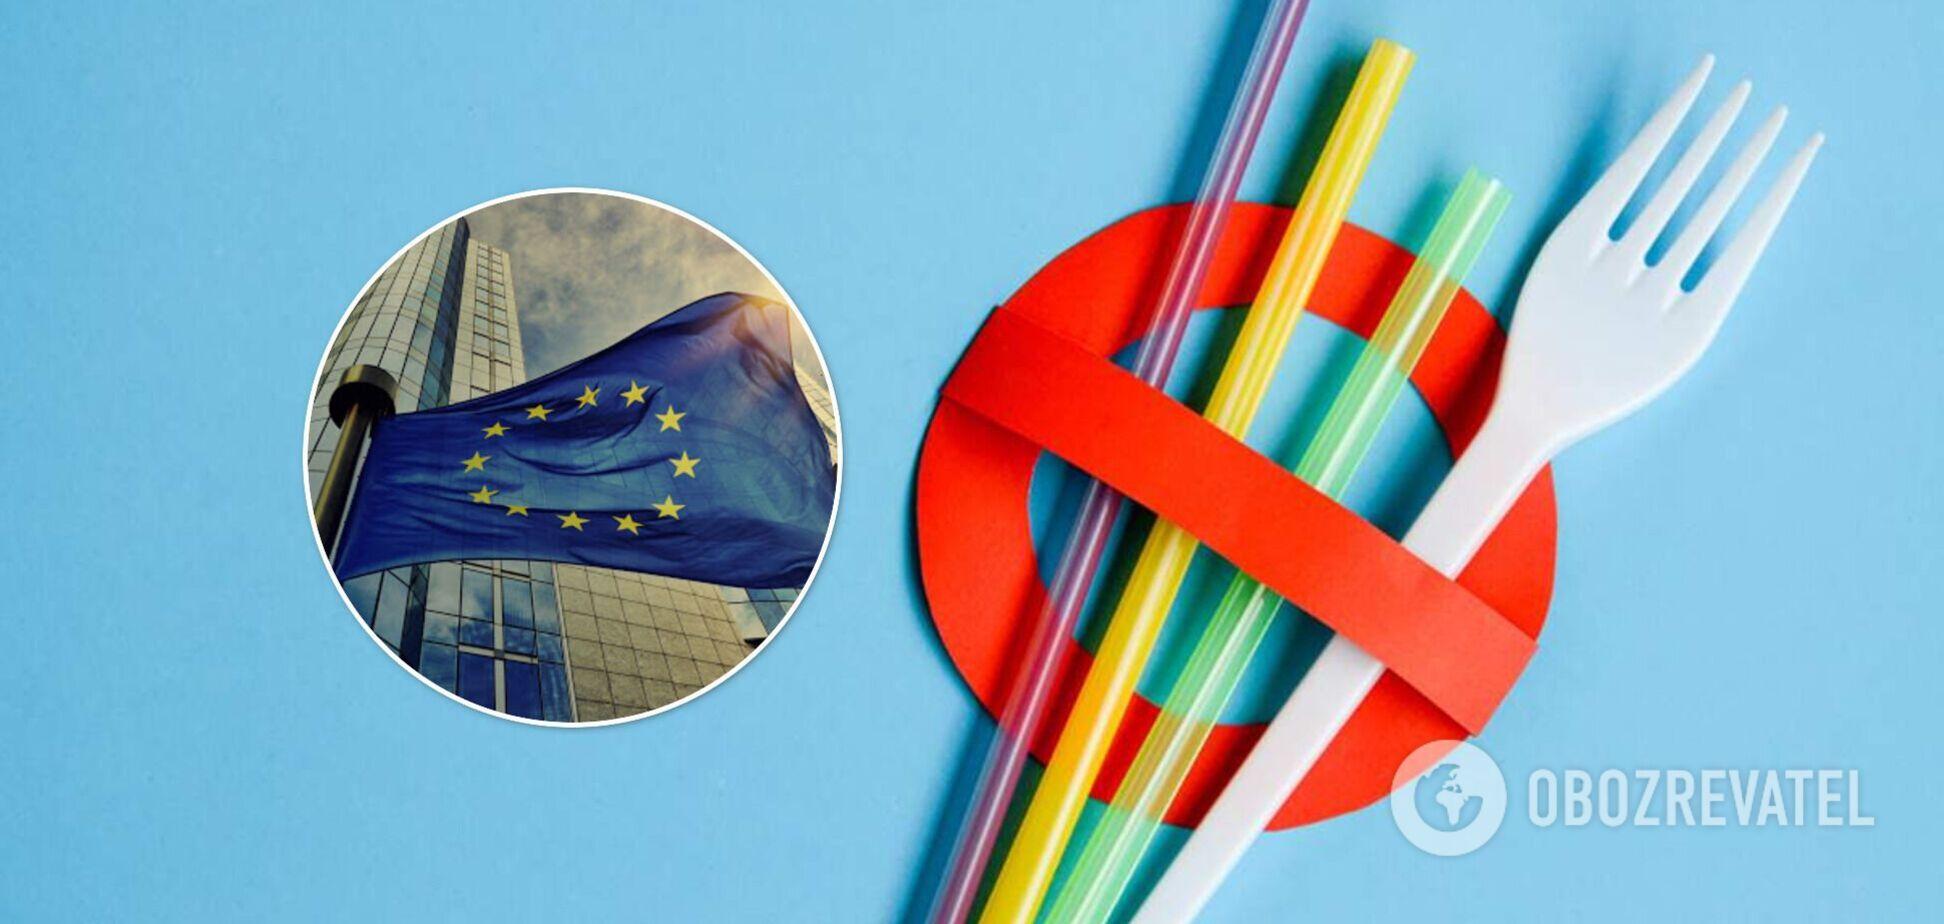 В ЕС полностью запретили пластиковую посуду и пакеты: как наследует Украина